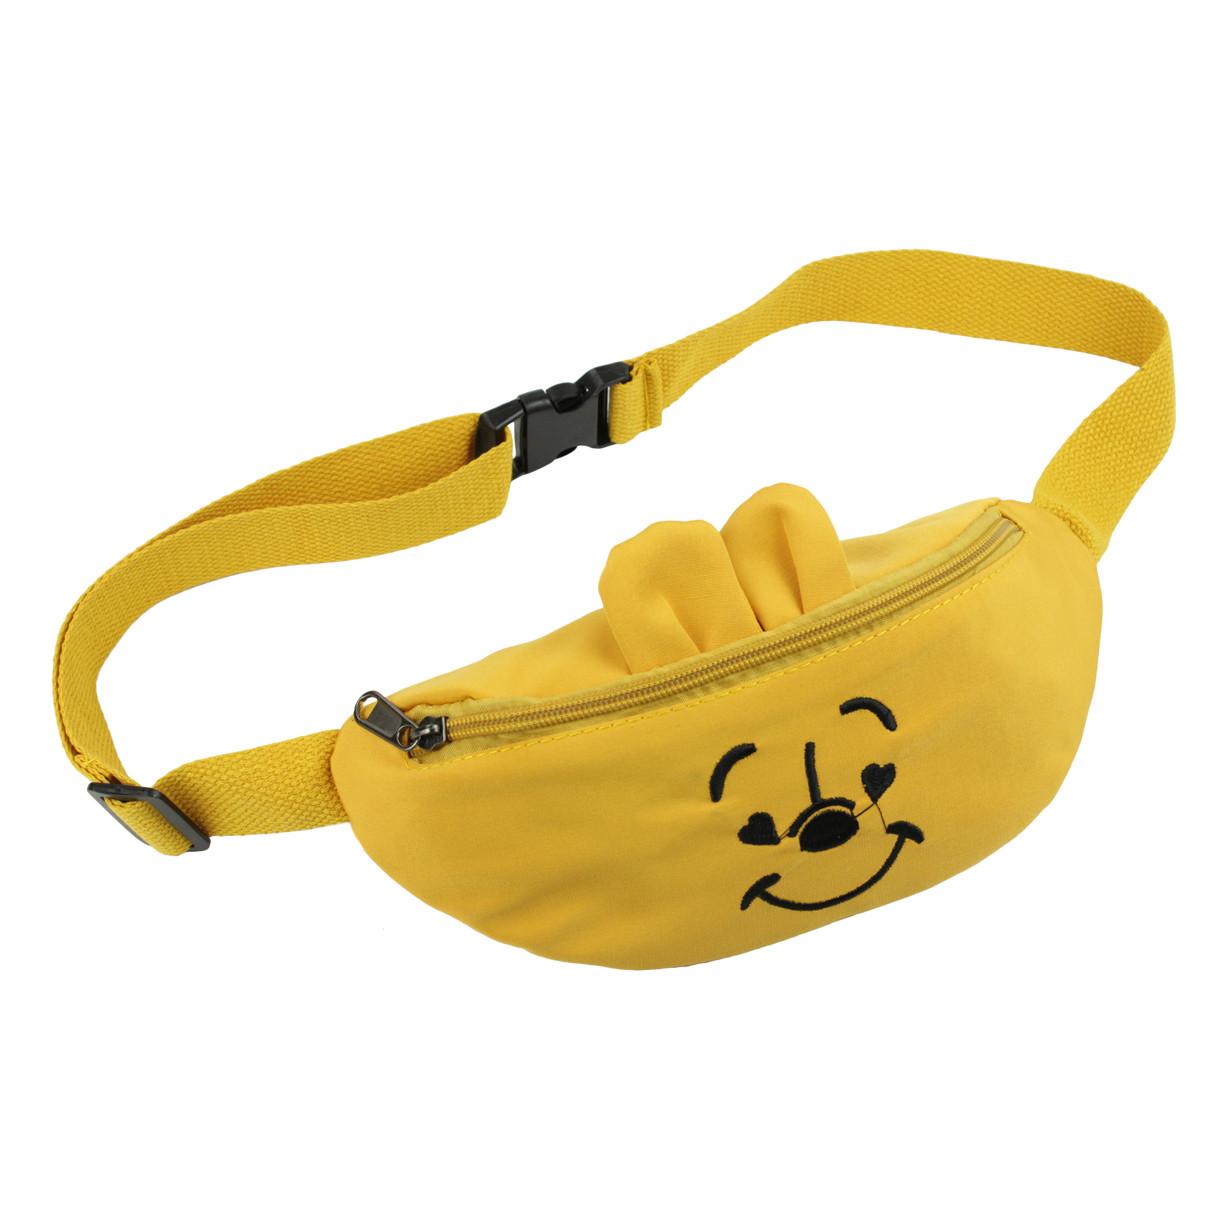 Дитяча сумка бананка на пояс Ведмежа, Жовта